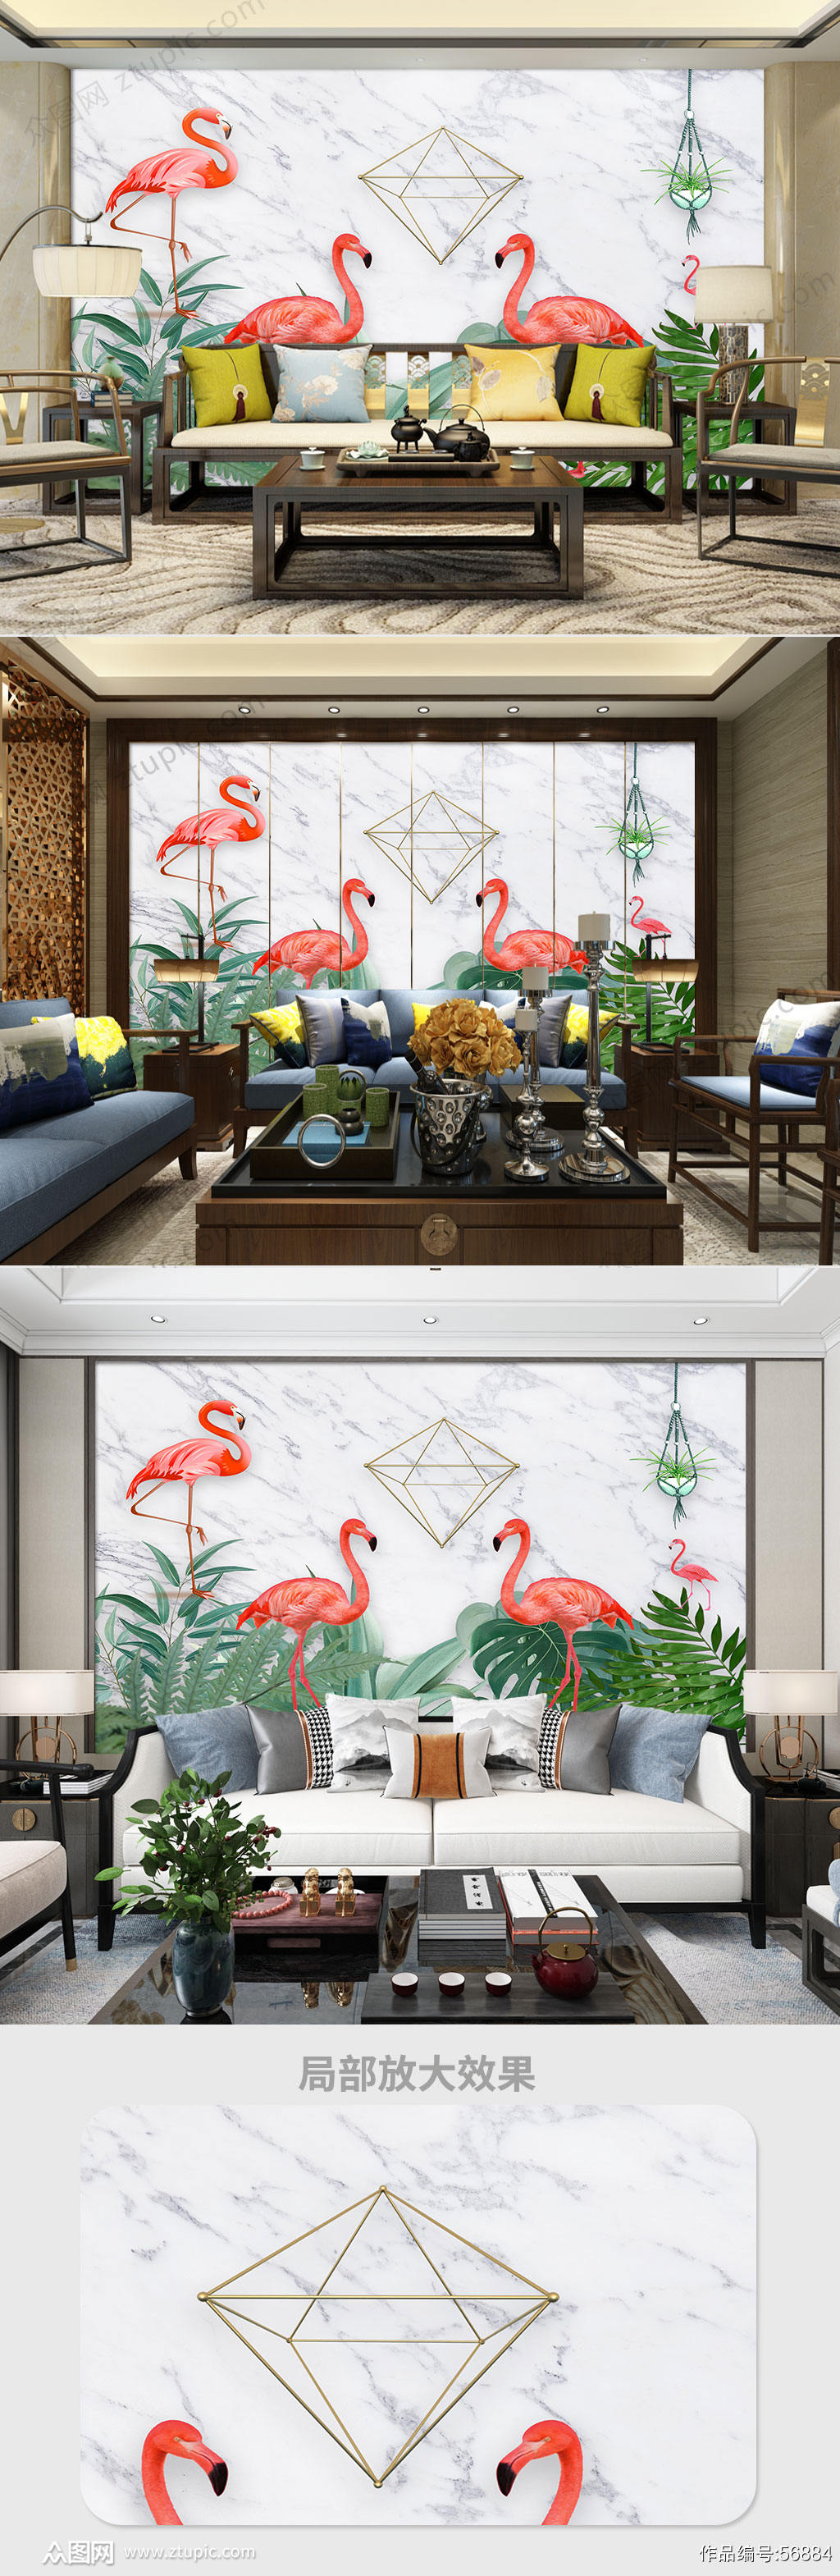 热带植物火烈鸟背景墙素材